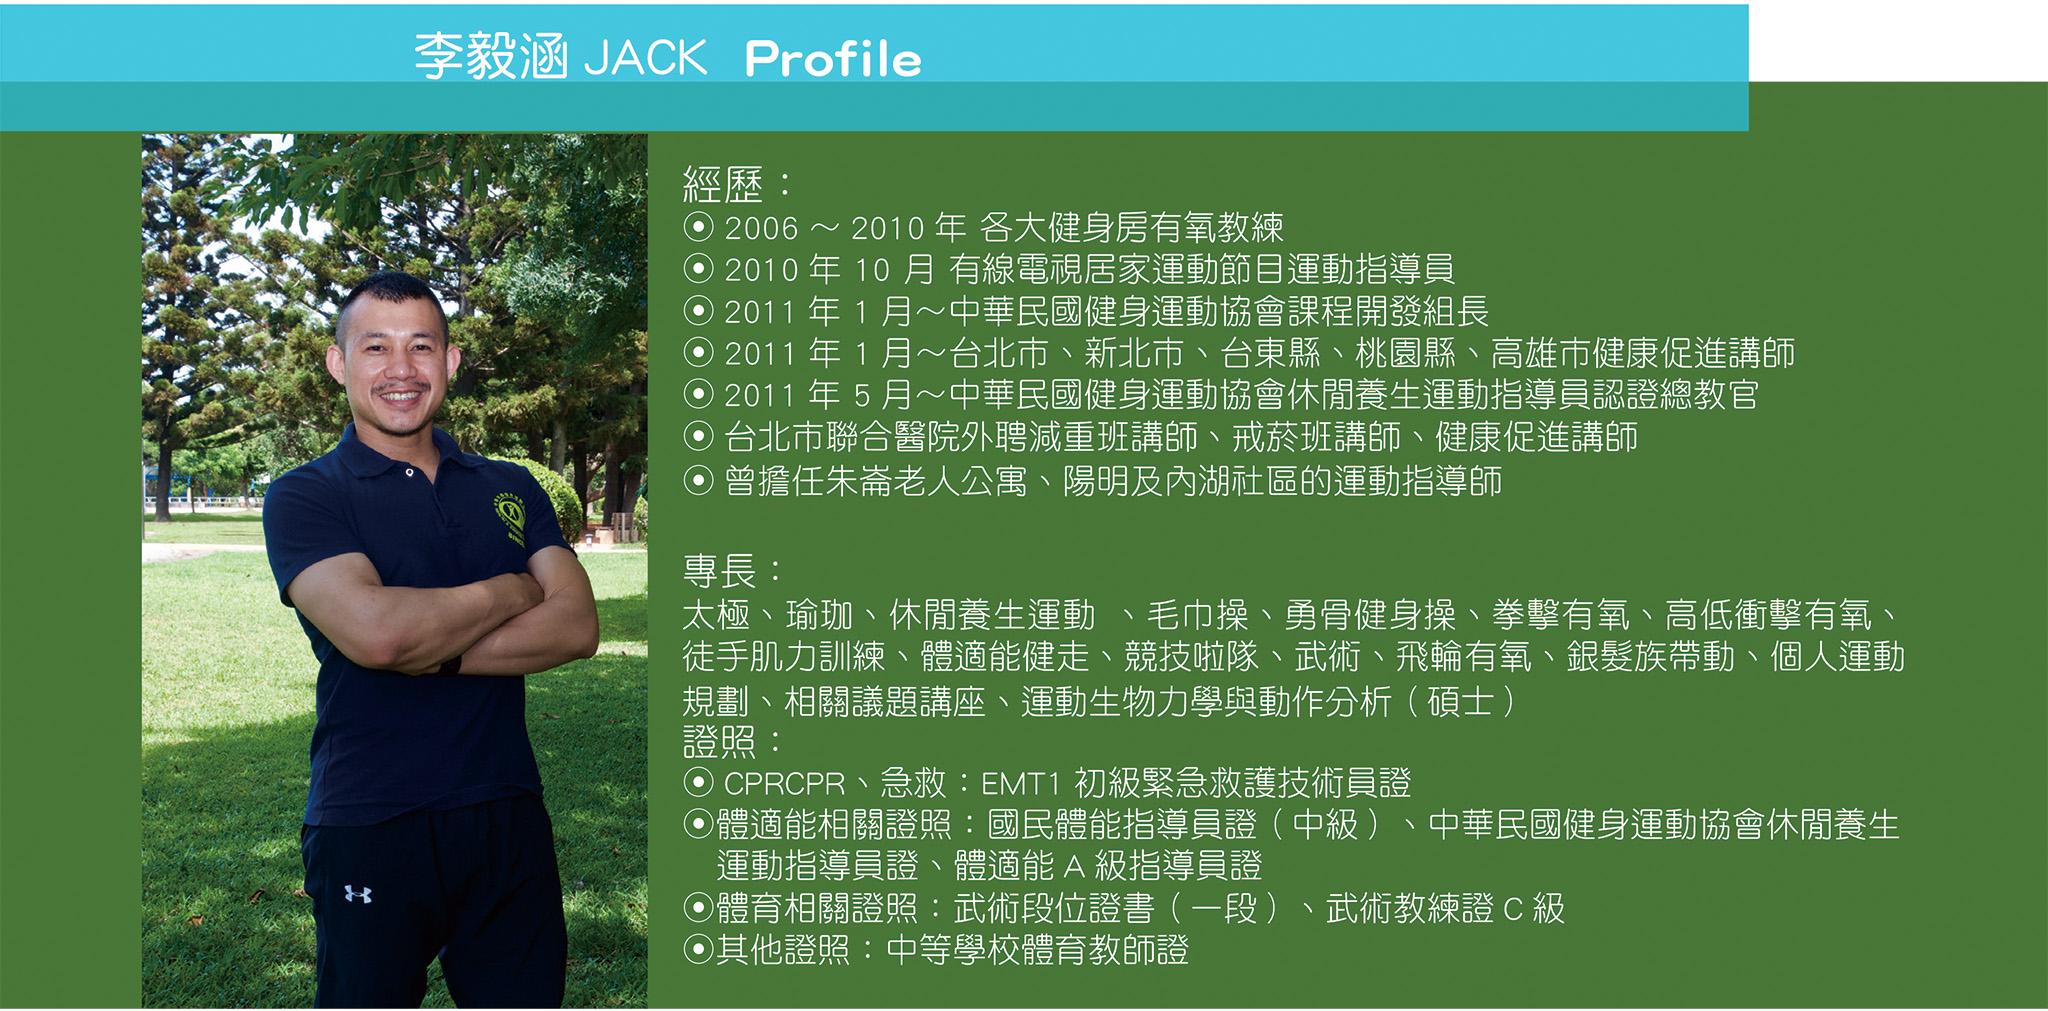 中華民國健身運動協會副秘書長李毅涵教練Profile。